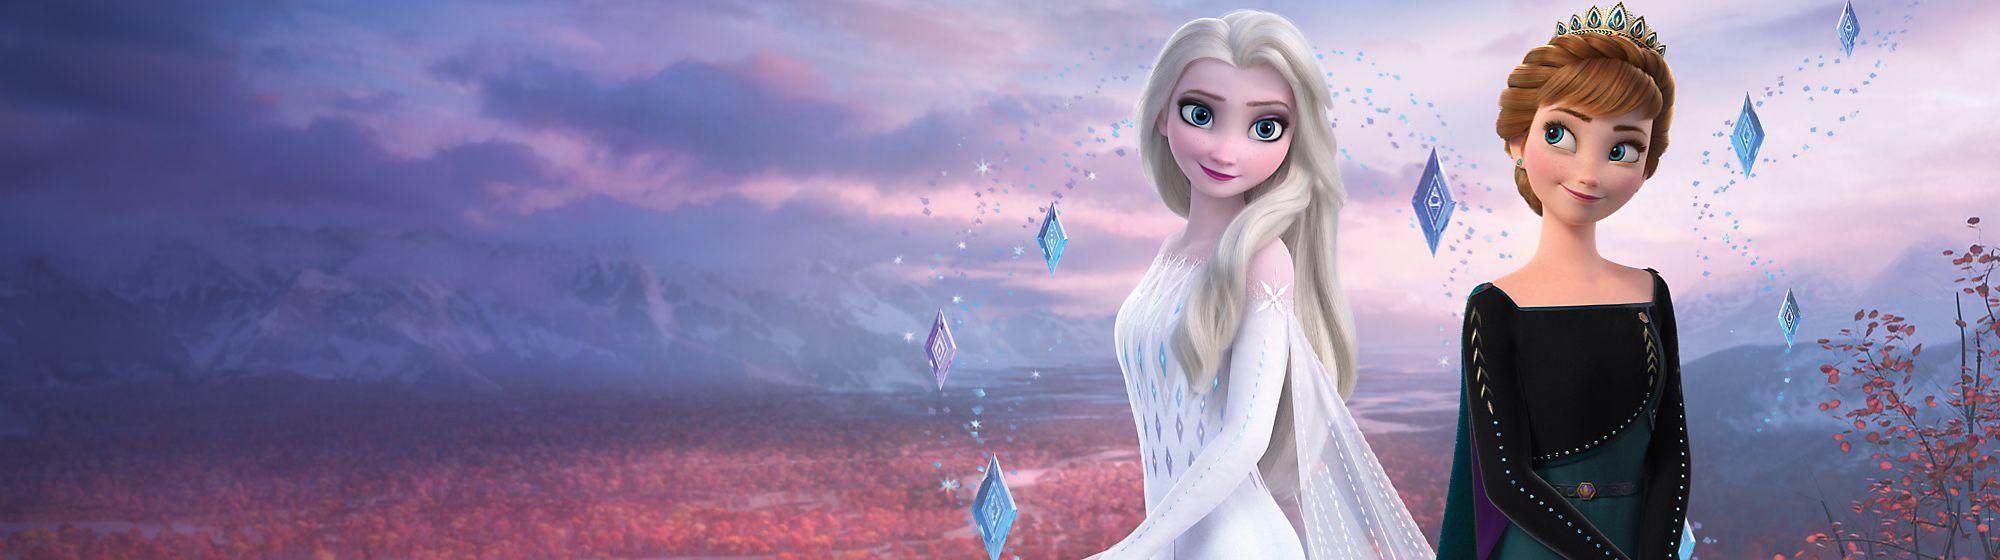 Die Eiskönigin 2 Entdecke unsere coole Kollektion an Spielzeug, Kostümen, Puppen und mehr mit deinen Lieblingscharakteren wie Anna, Elsa und vielen anderen